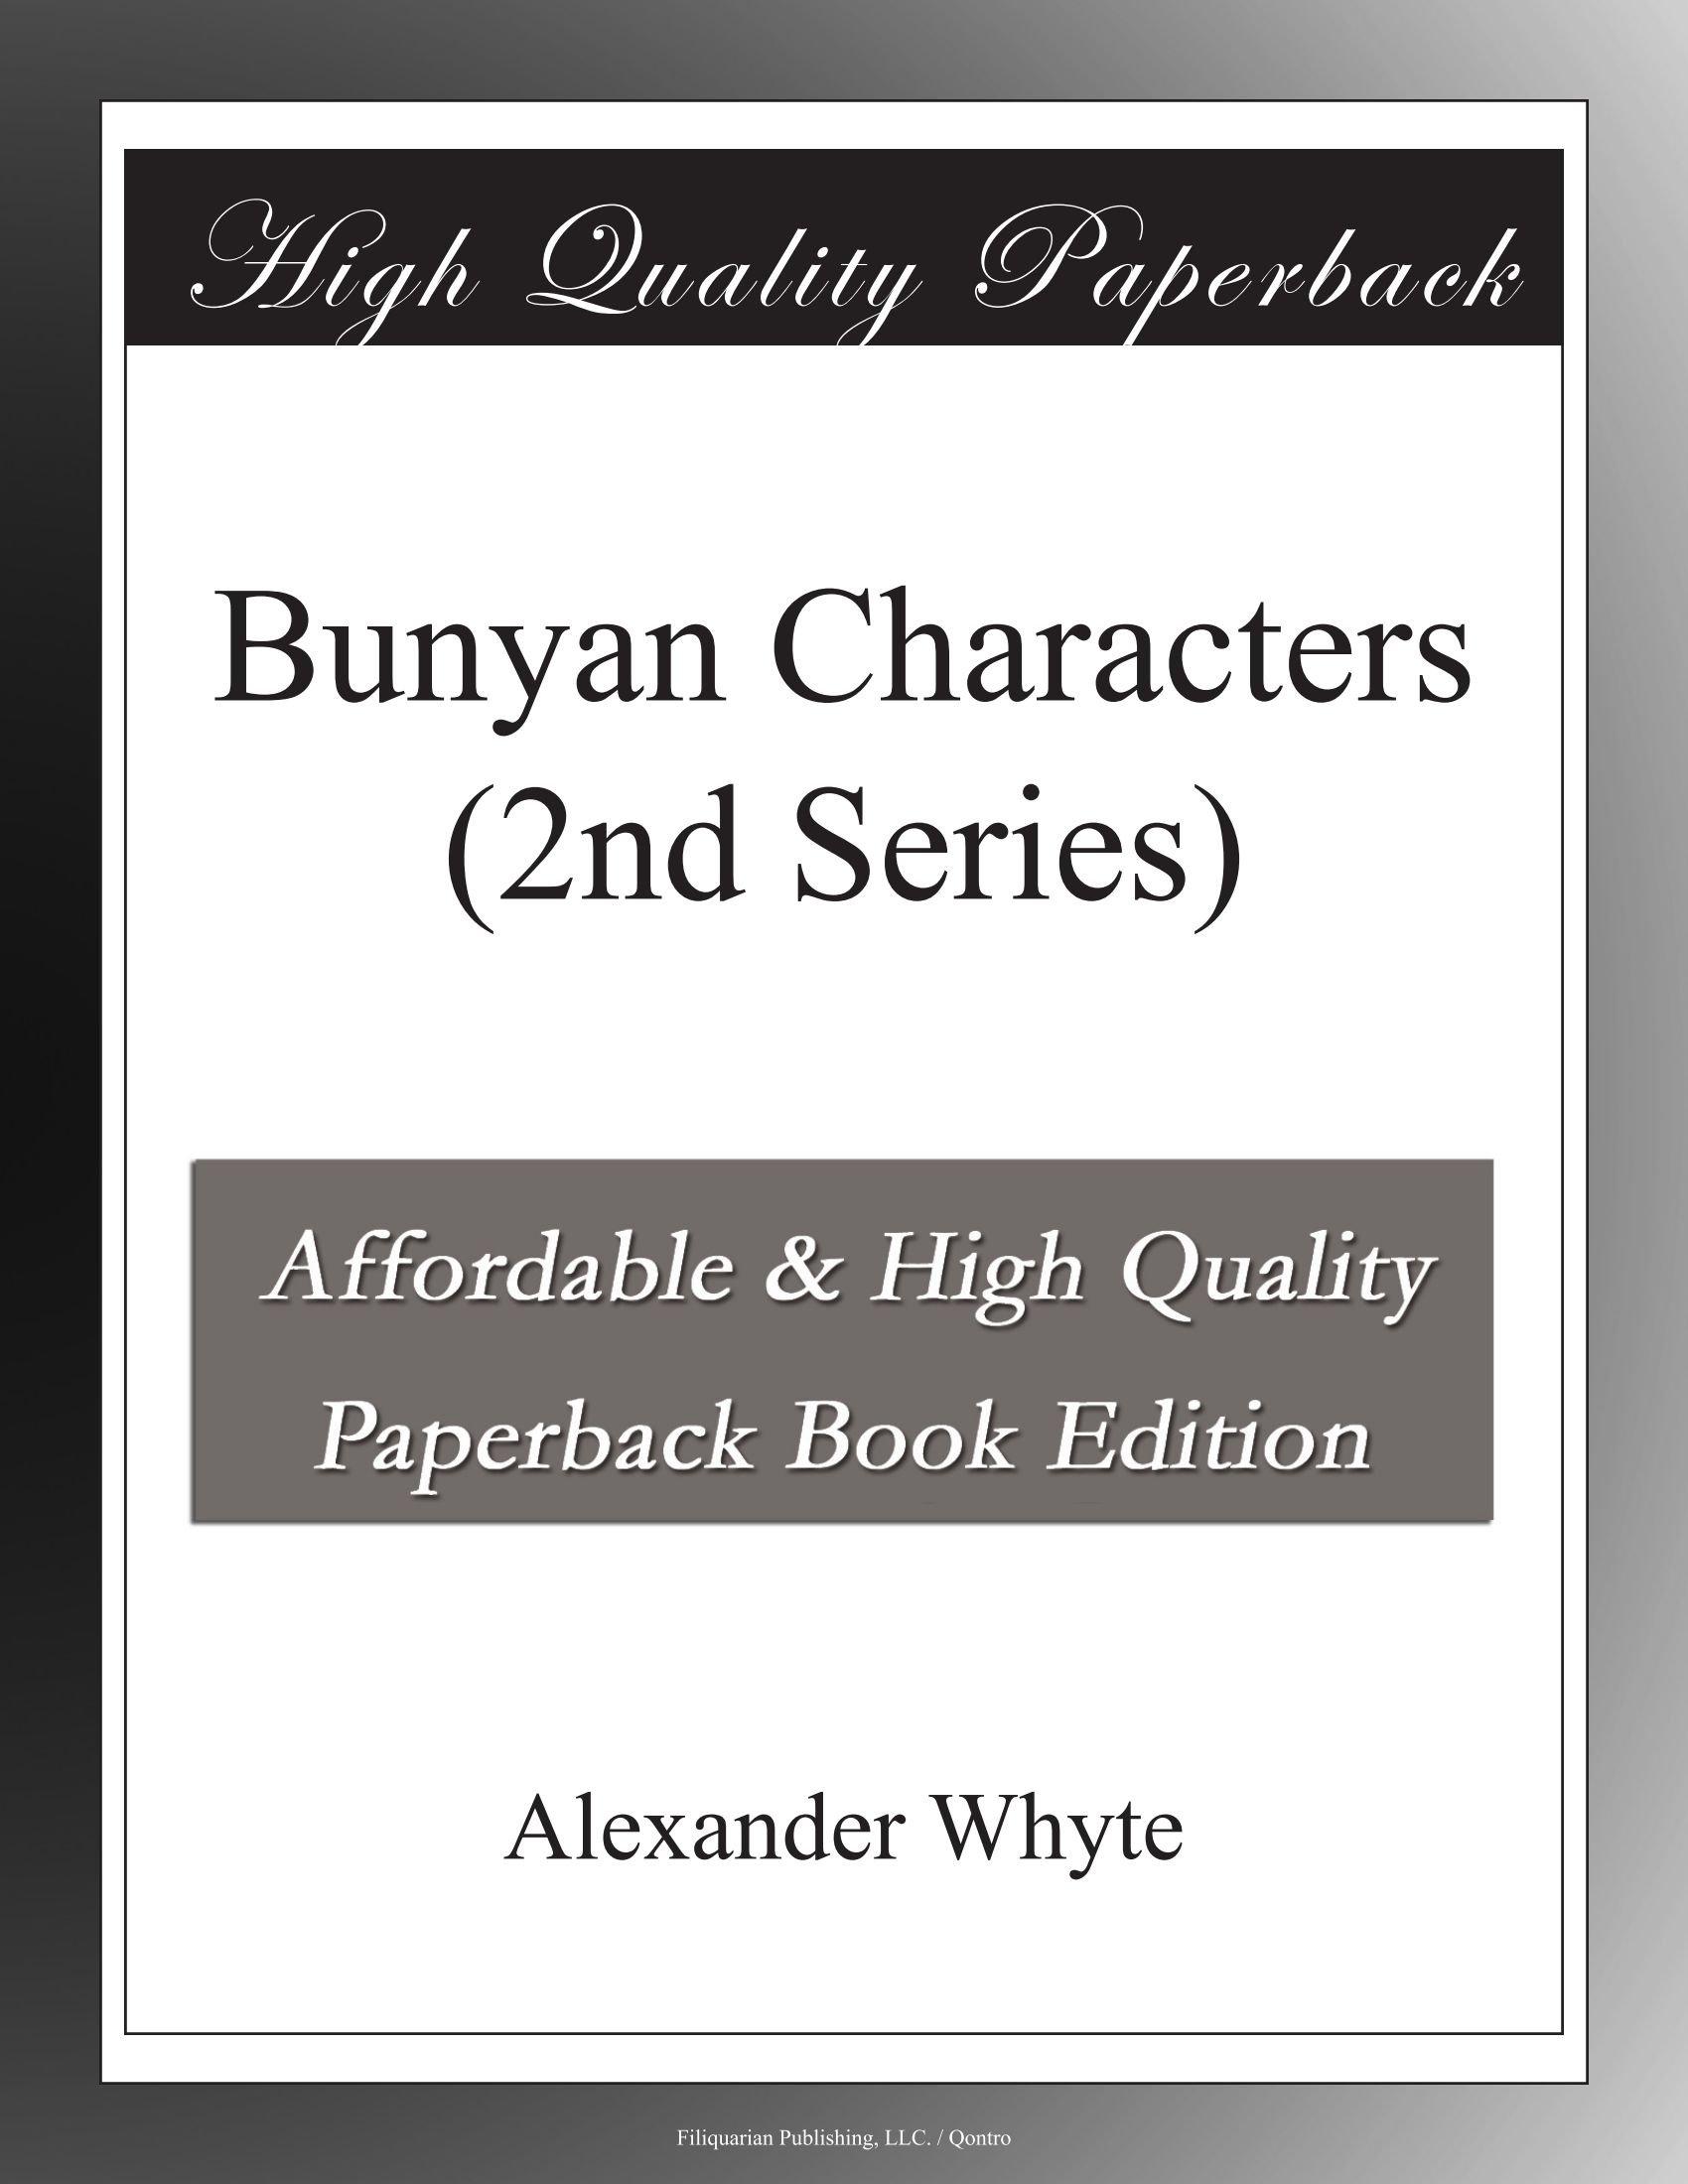 Bunyan Characters (2nd Series) ebook